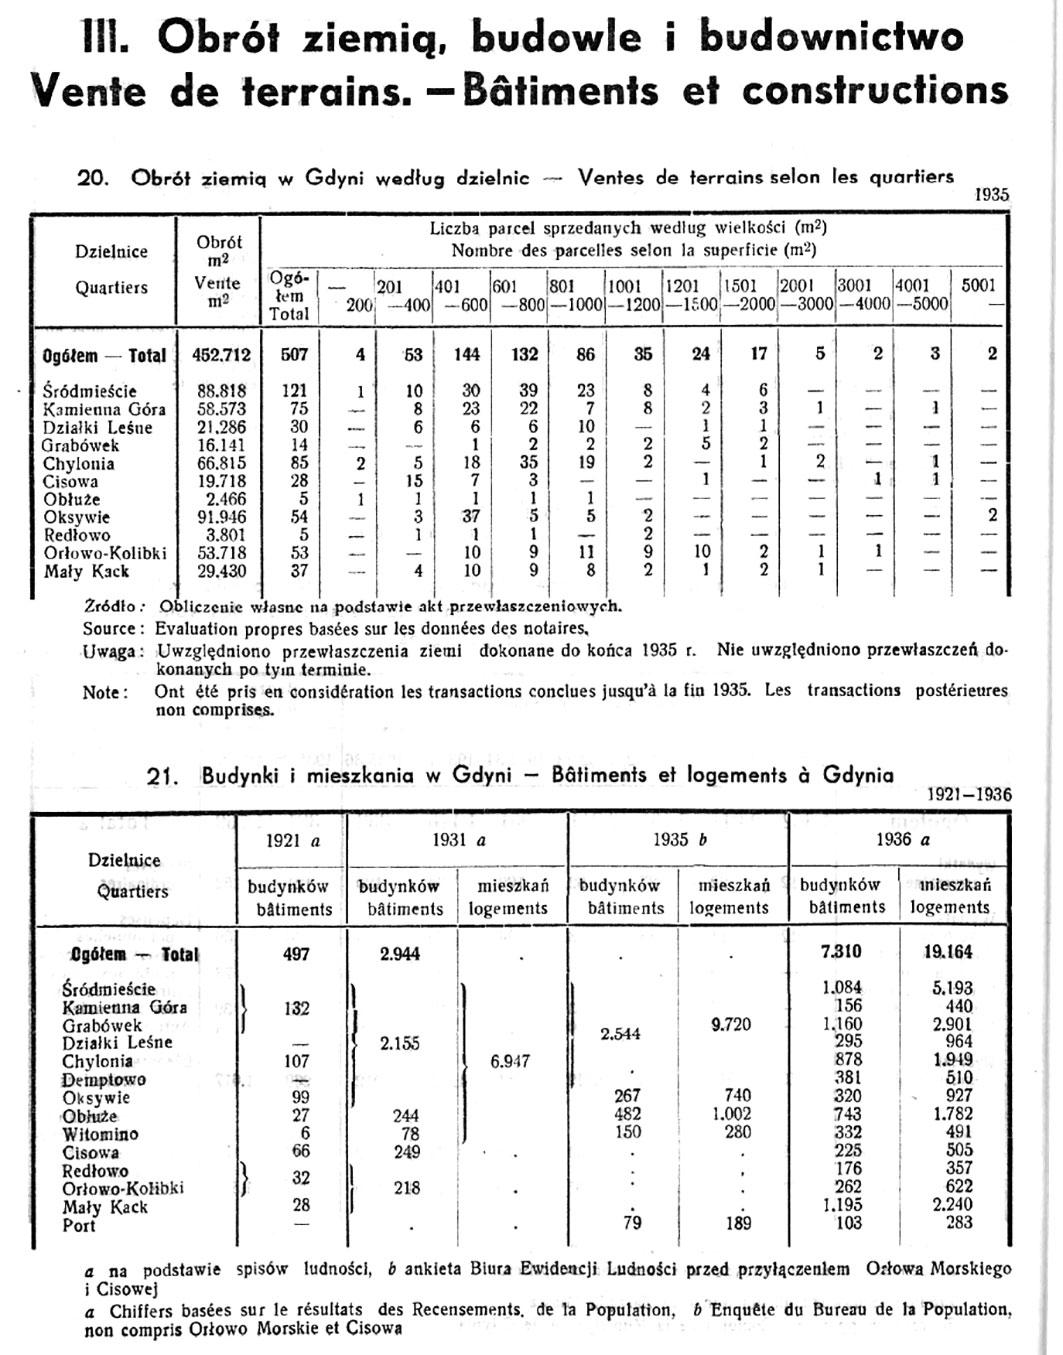 Obrót ziemią, budowle i budownictwo, [W:] Rocznik Statystyczny. - 1933-1934 / Redakcja Bolesław Polkowski. - Gdynia 1934